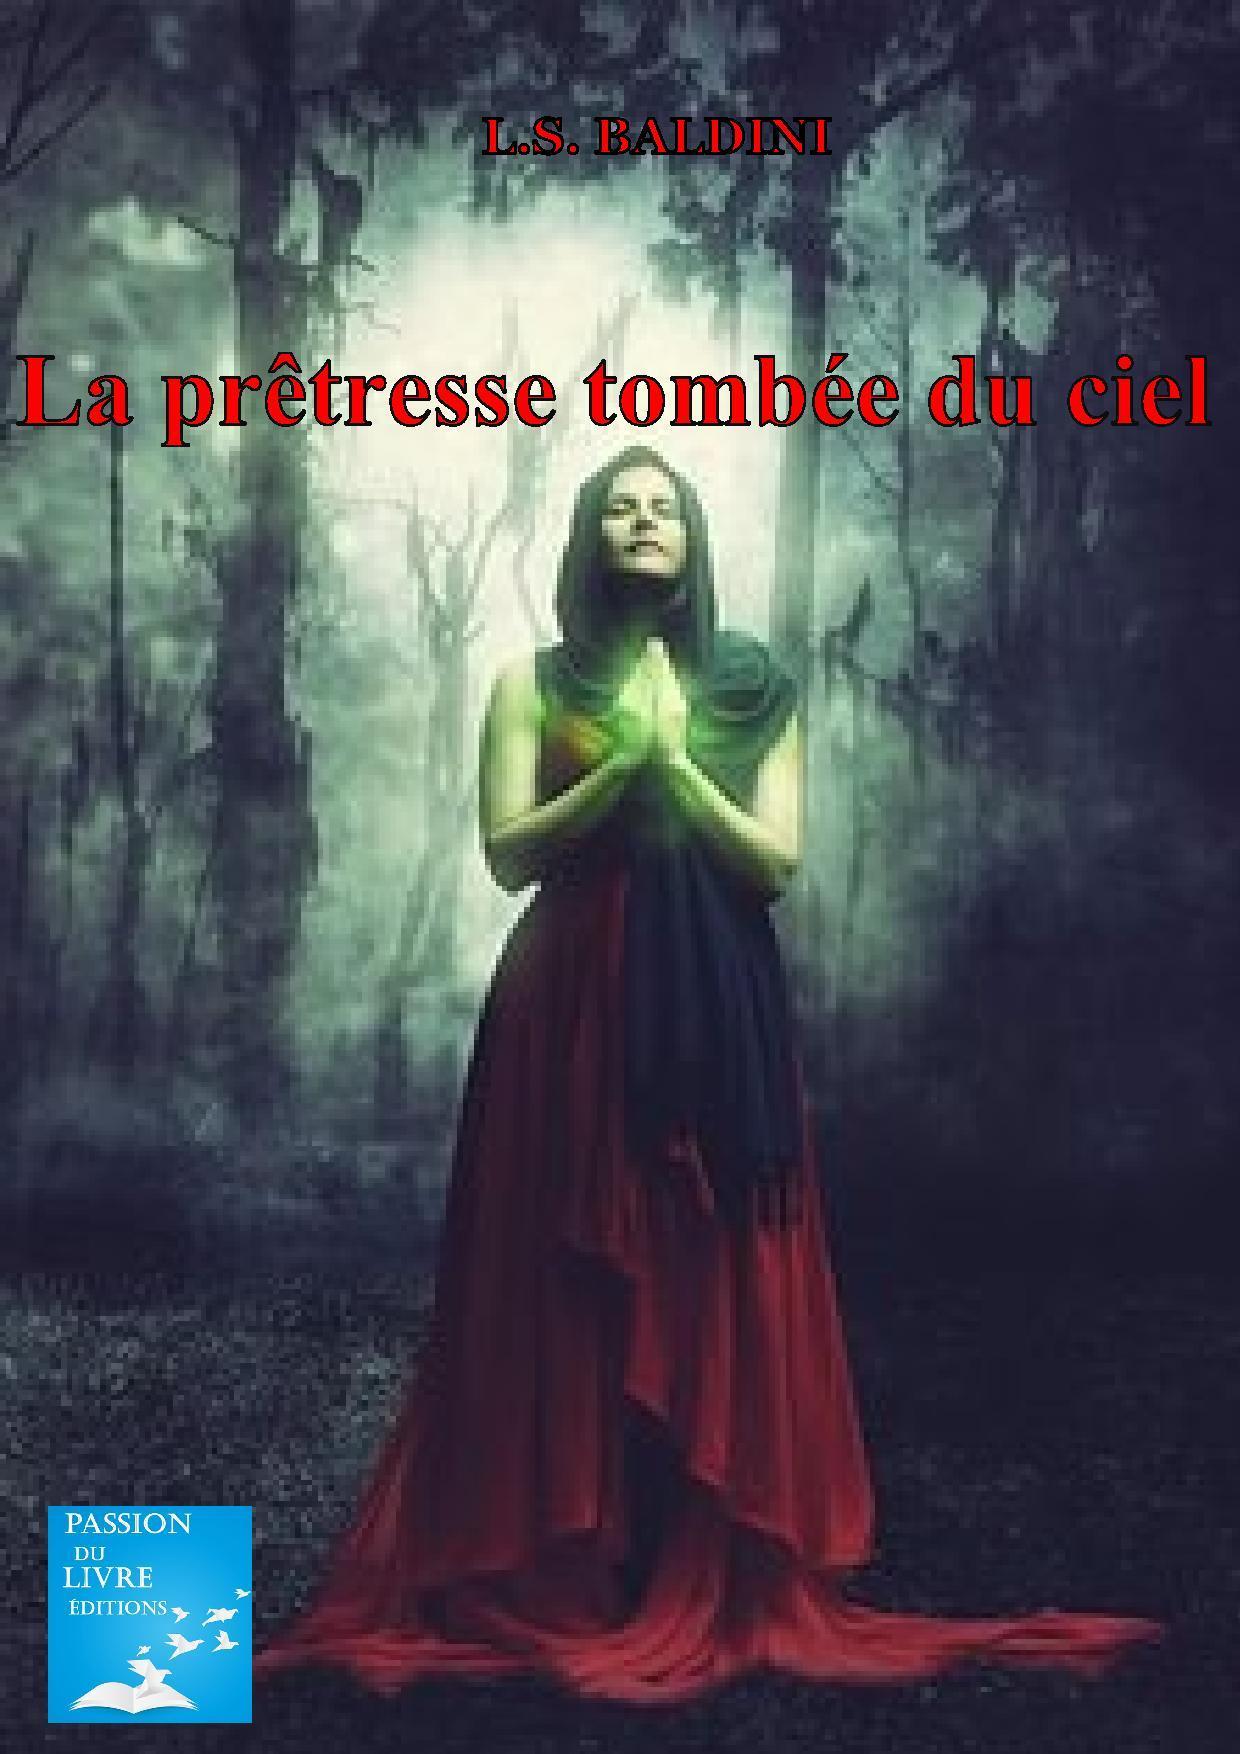 LA PRETRESSE TOMBEE DU CIEL